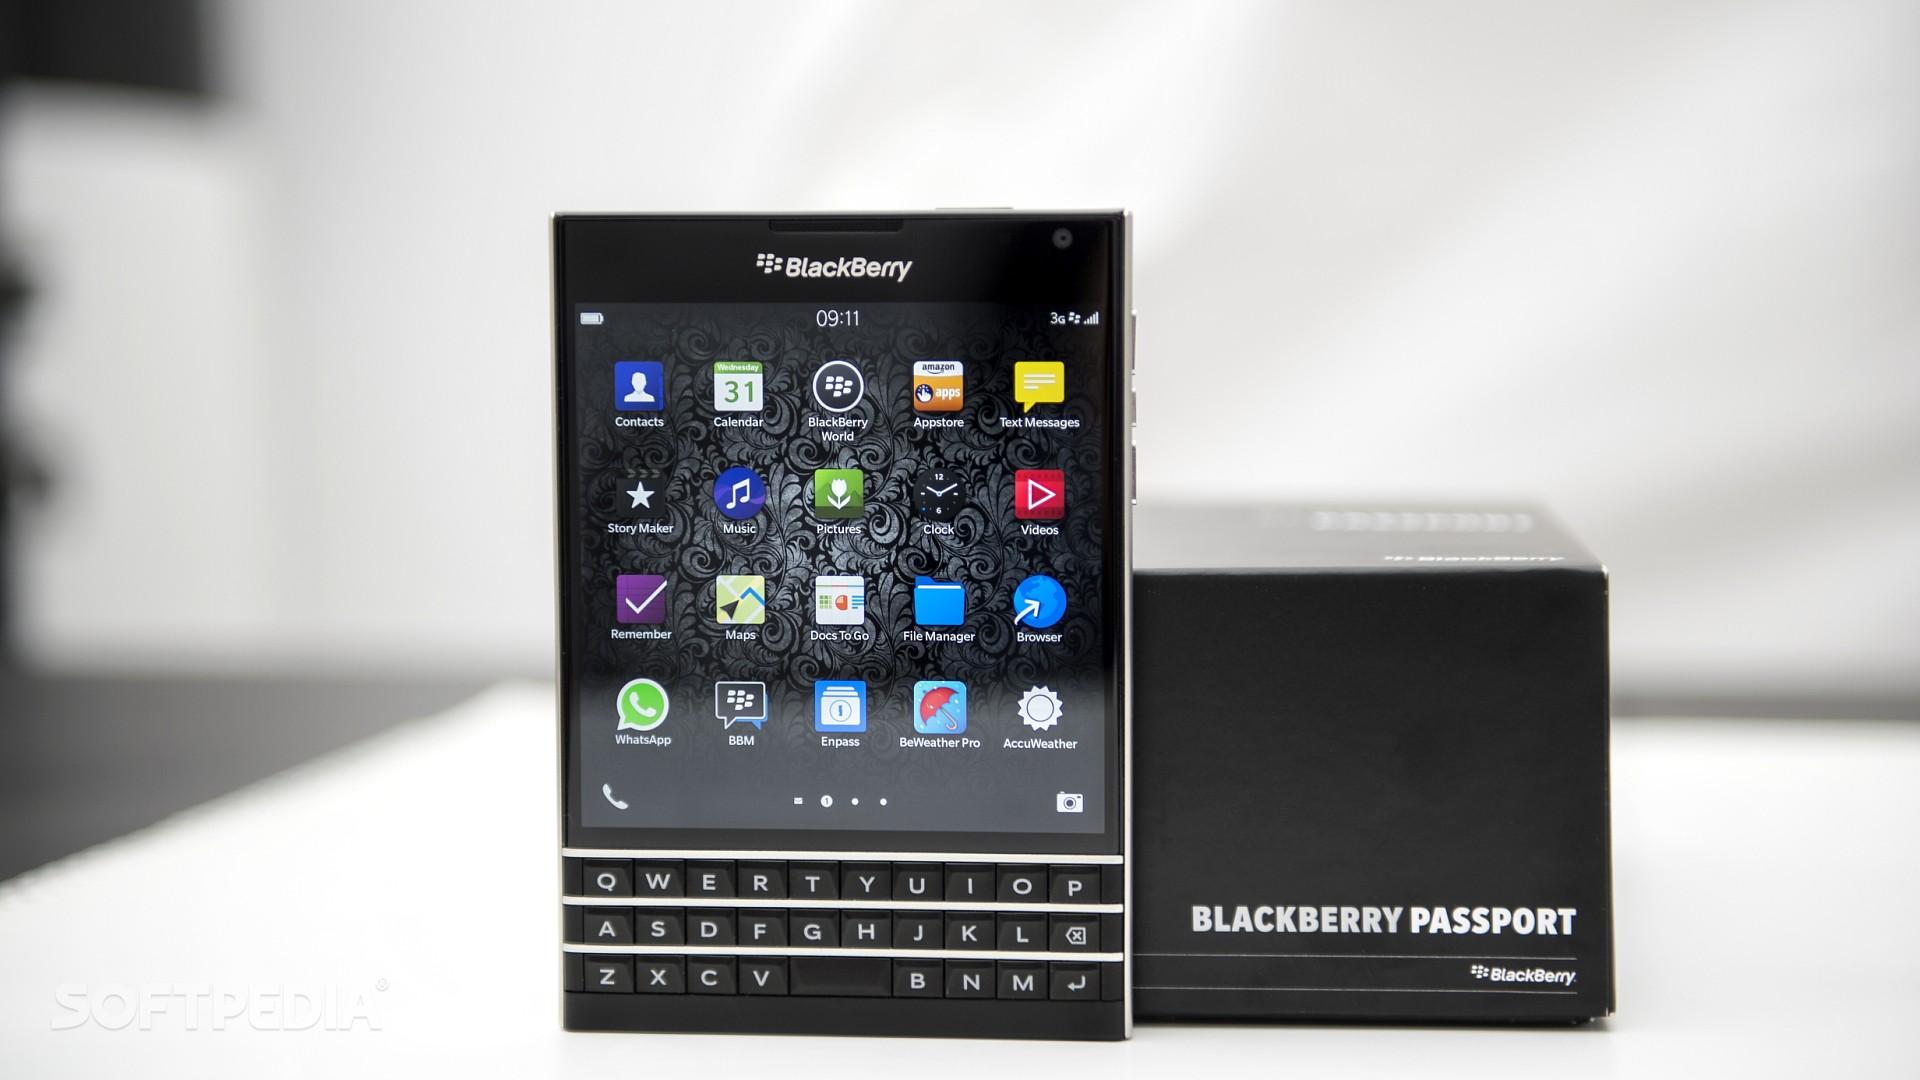 Blackberry PassPort bất ngờ hạ giá 50% còn 5 triệu gây sốt